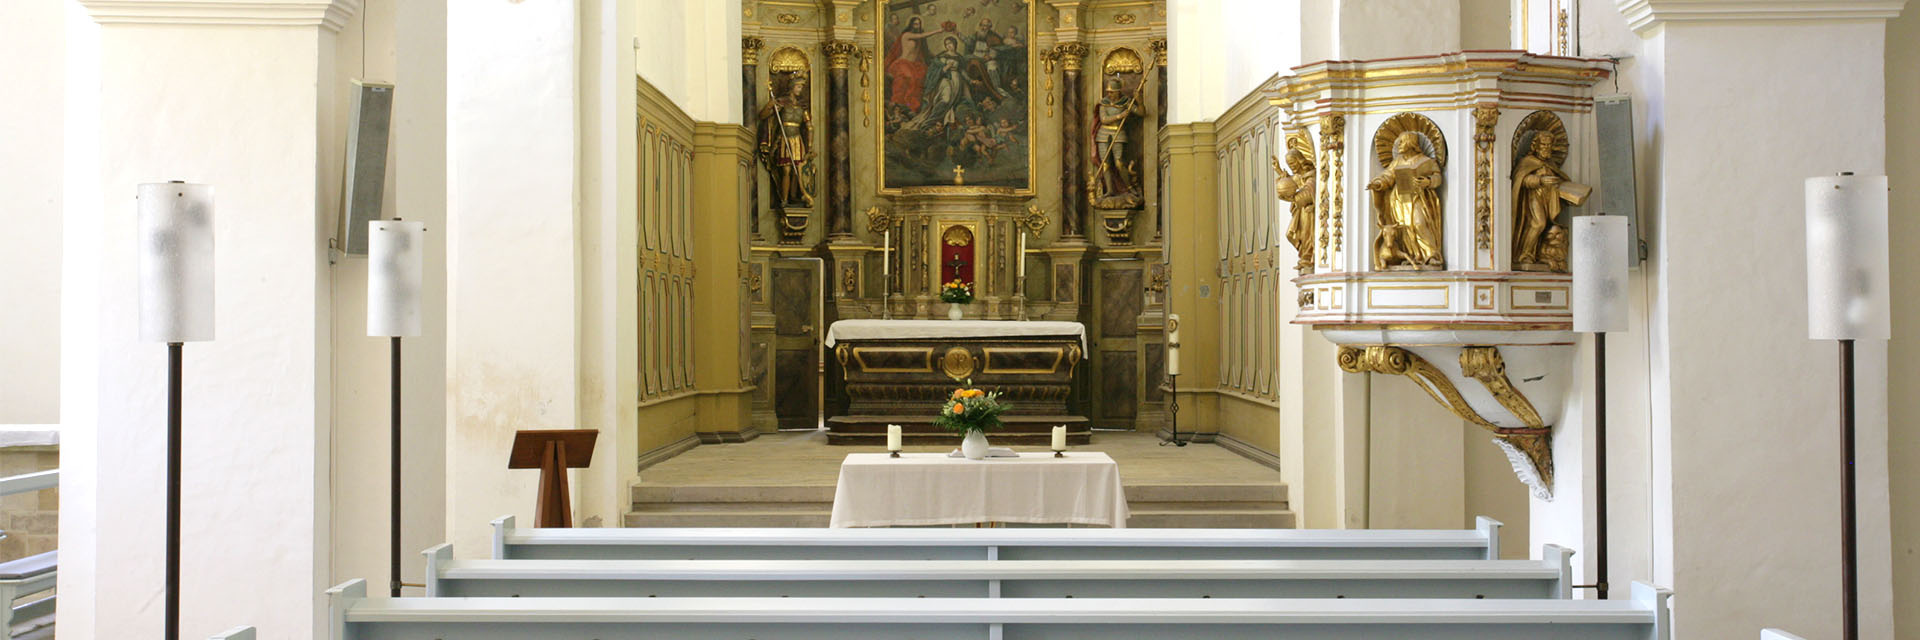 klosterhotel woeltingerode